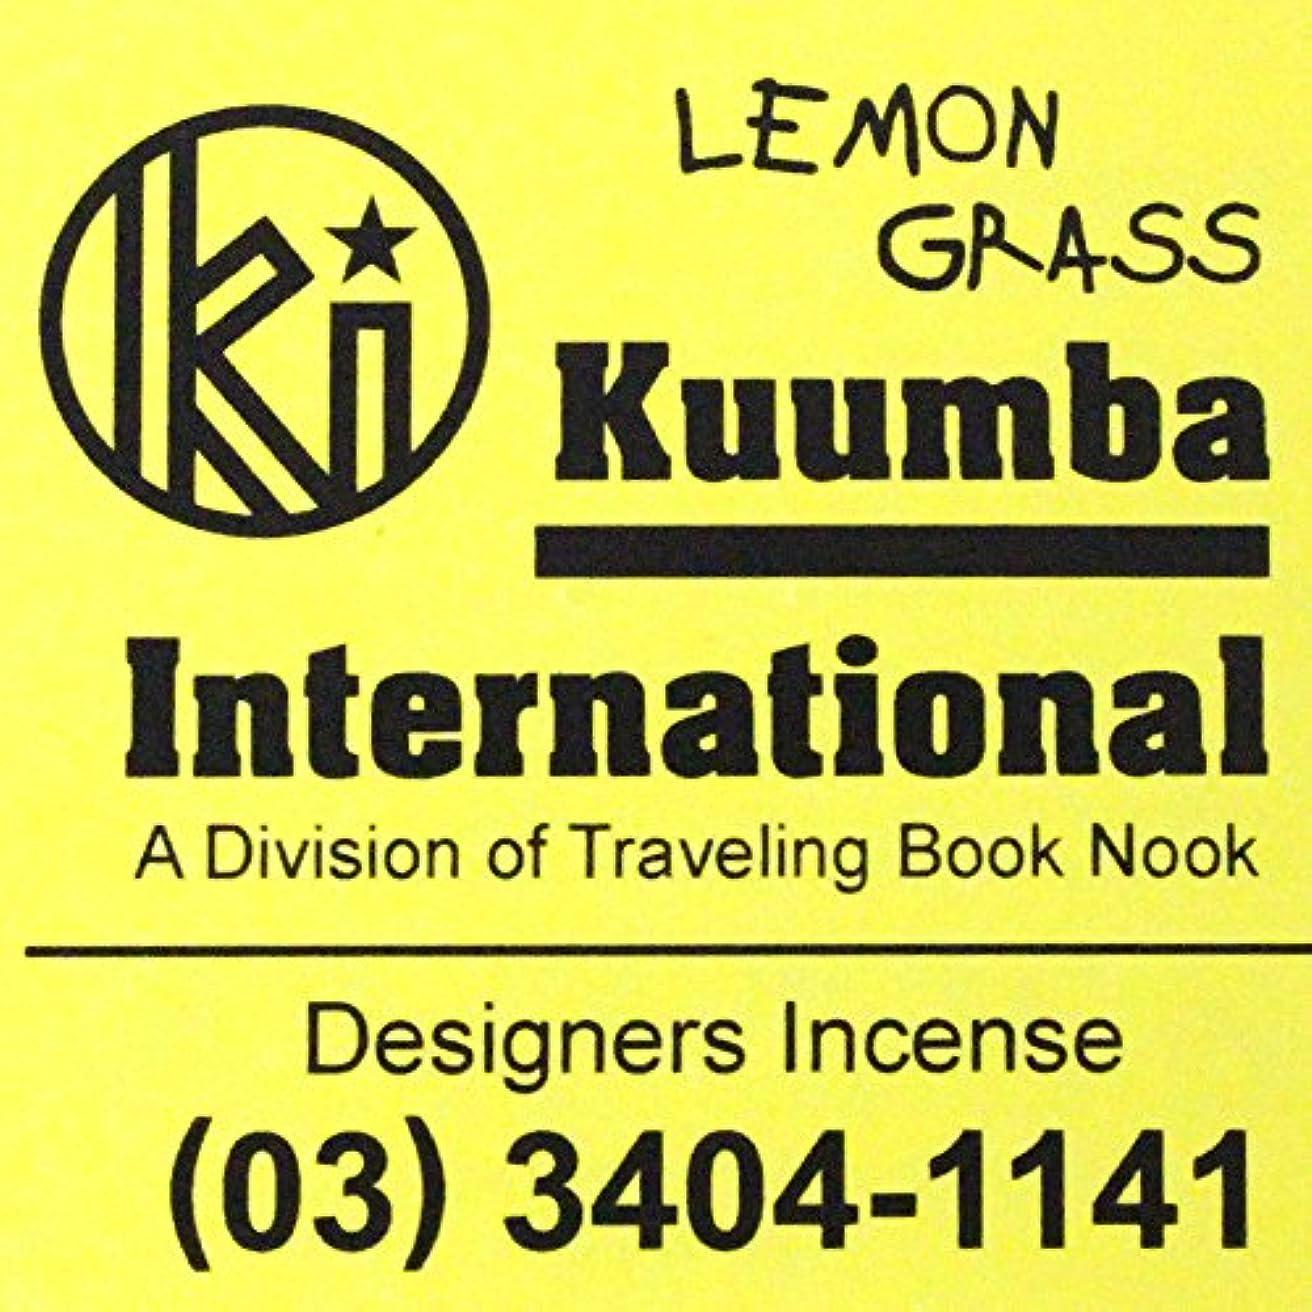 お嬢耐えられる潜水艦(クンバ) KUUMBA『incense』(LEMON GRASS) (Regular size)